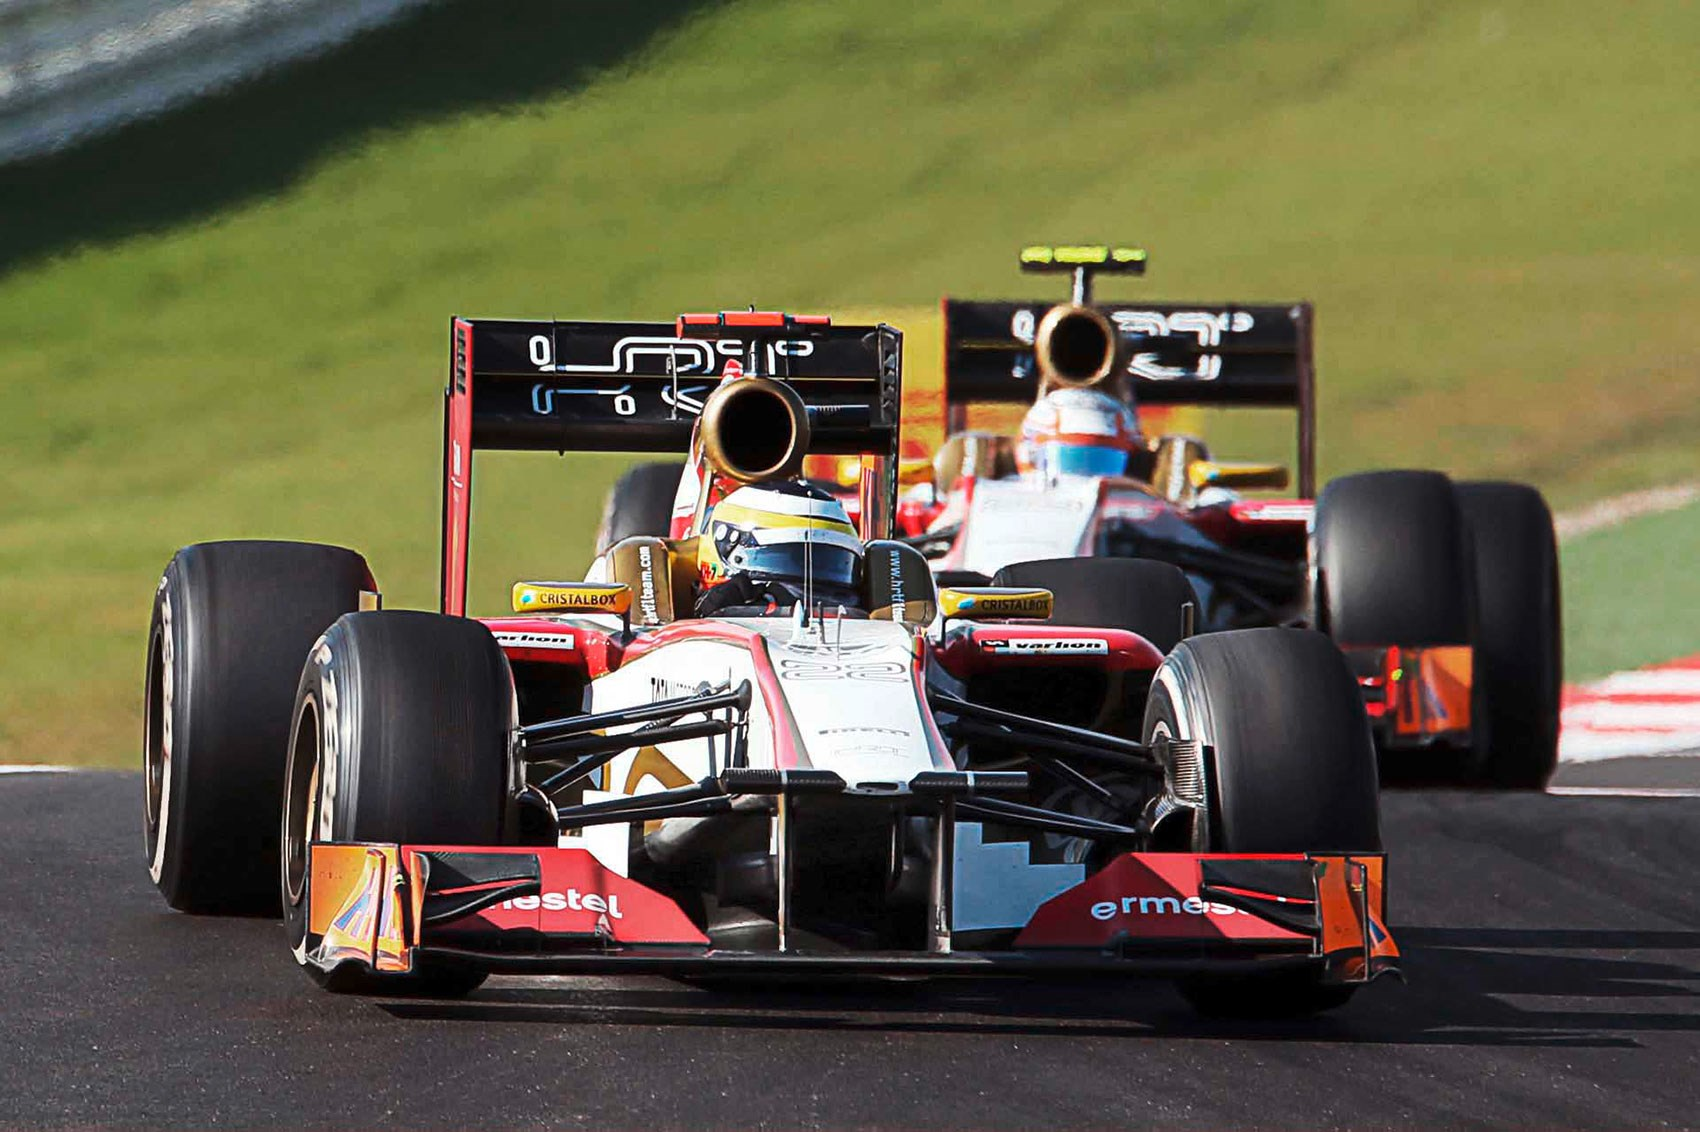 F1: The CAR Top 10: Rubbish F1 Teams